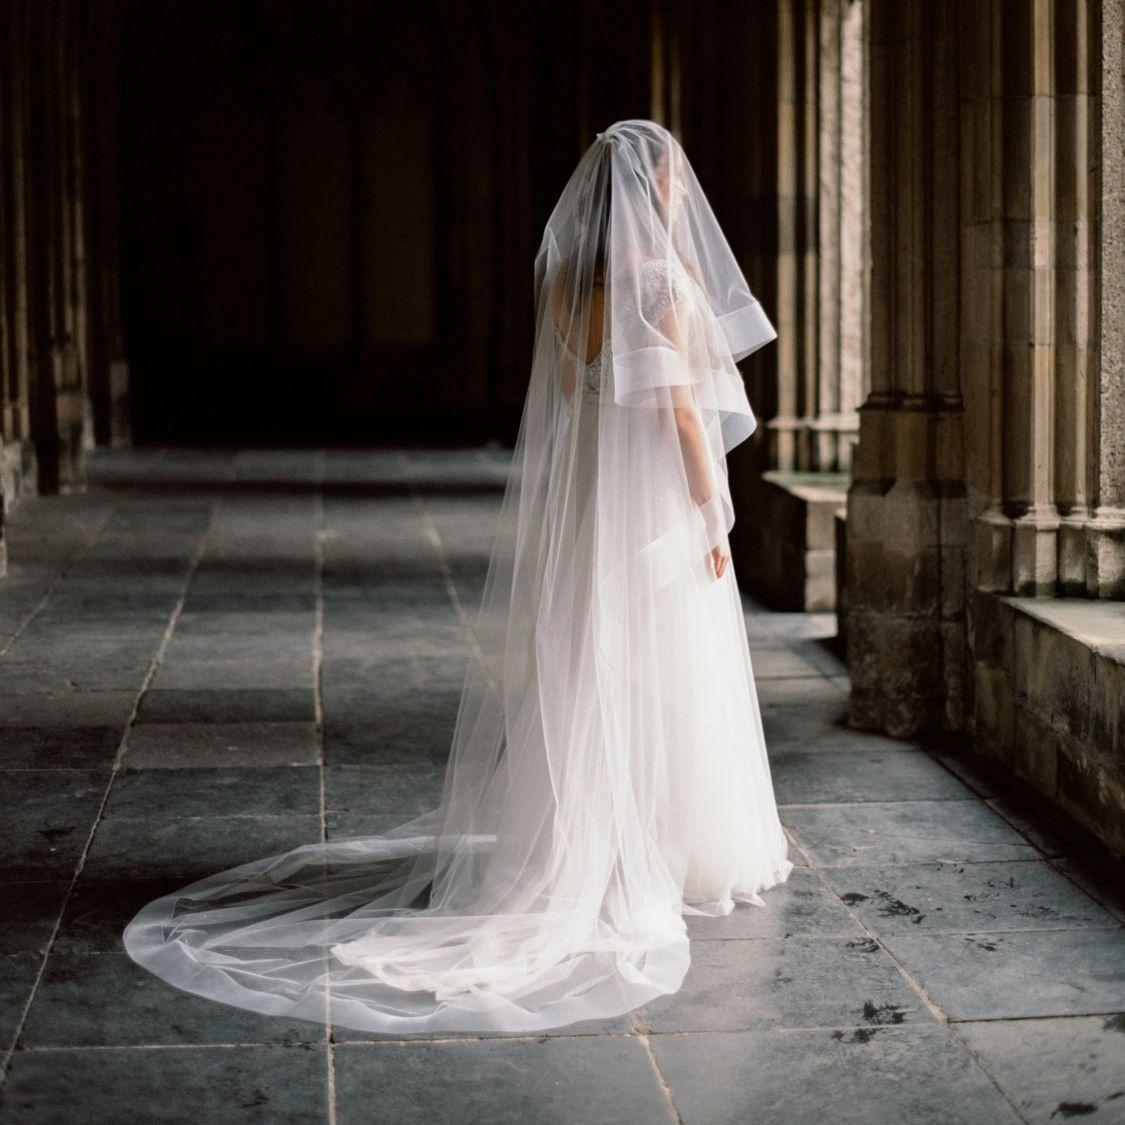 Véu de fita de crina grossa com blusher 29 '/ 74 cm Círculo Drop Bridal Veils Catedral Comprimento 108' '/ 274 cm